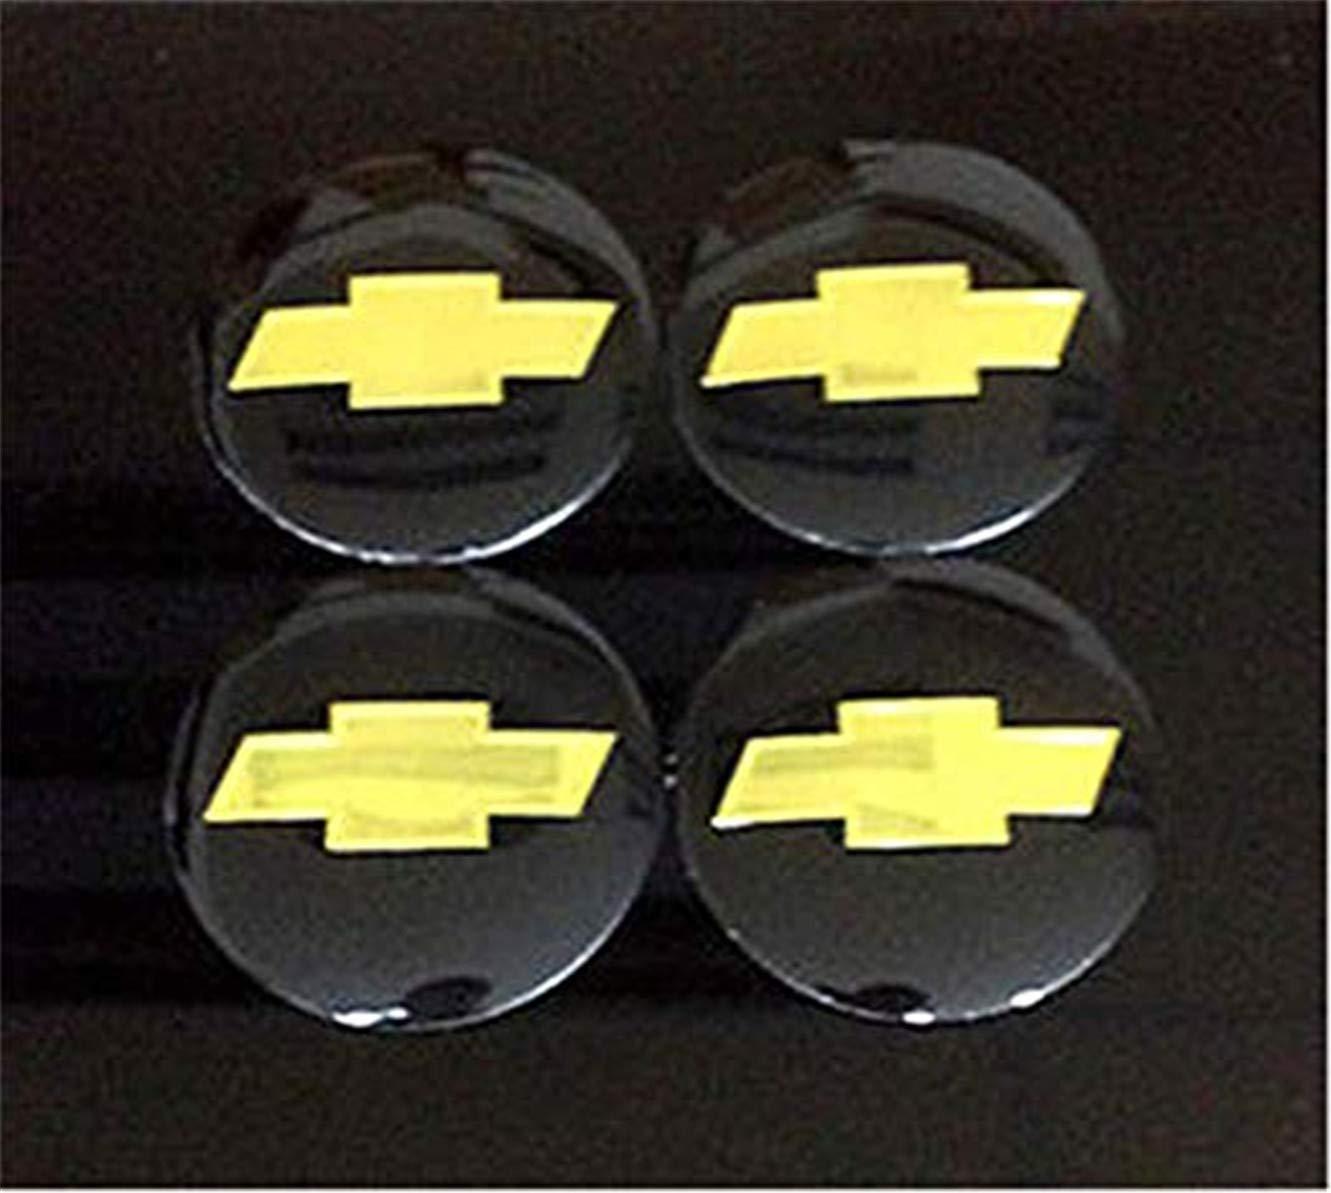 fanlinxin Ruota 56 mm Centrale Adesivo Tappo Nero Set 4 Pezzi Chevrolet